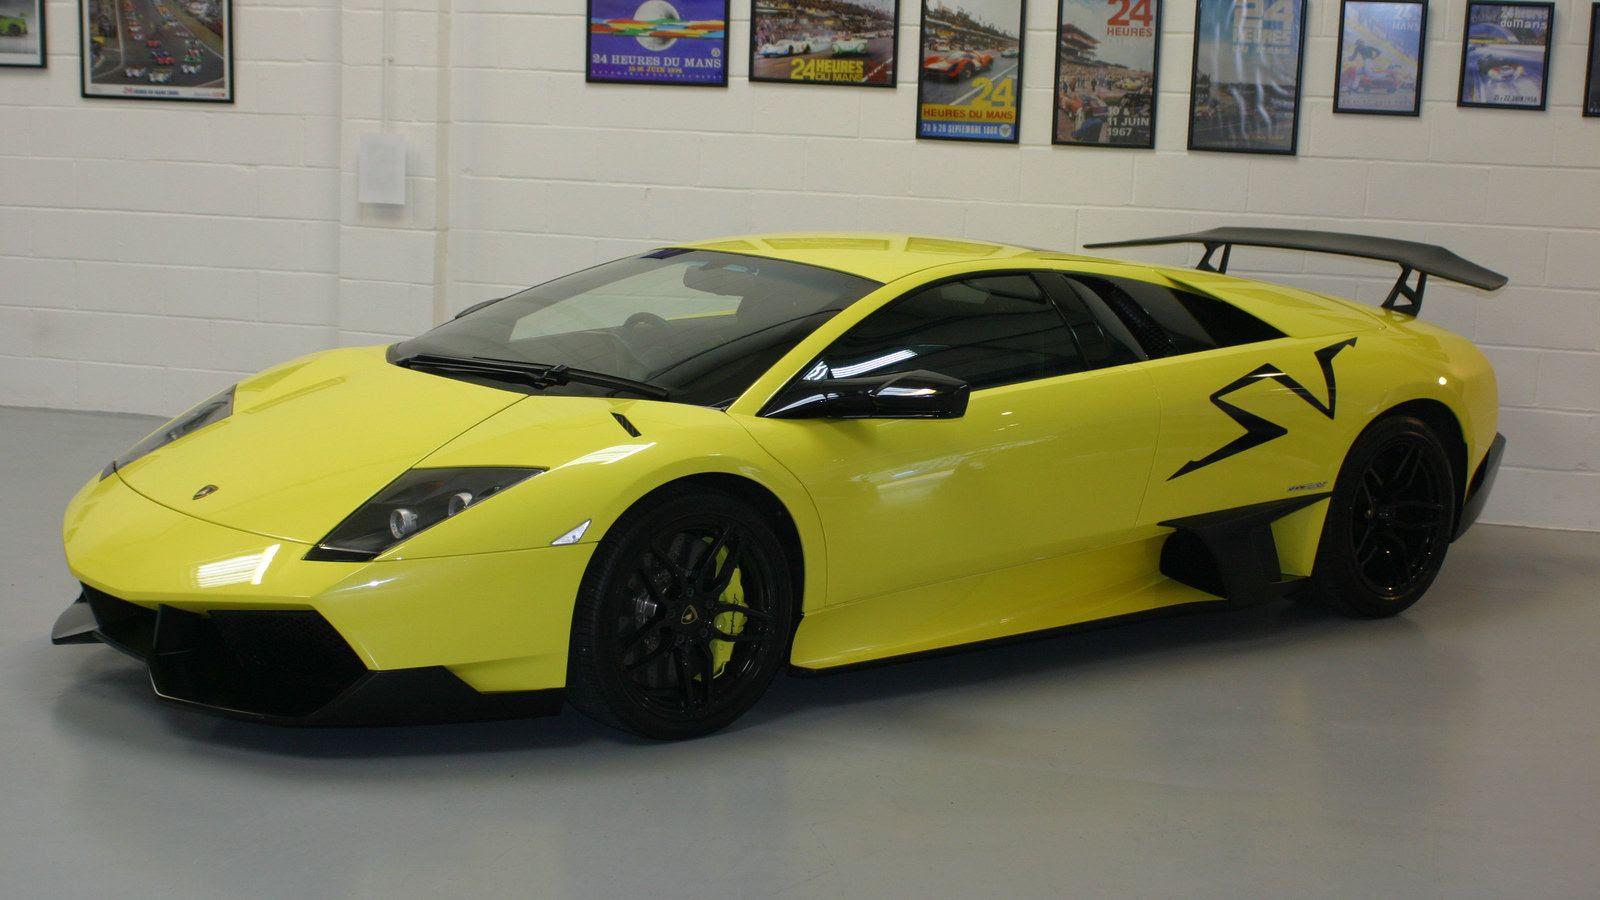 Rare 2009 Lamborghini Murcielago SV Up For Sale  Picture